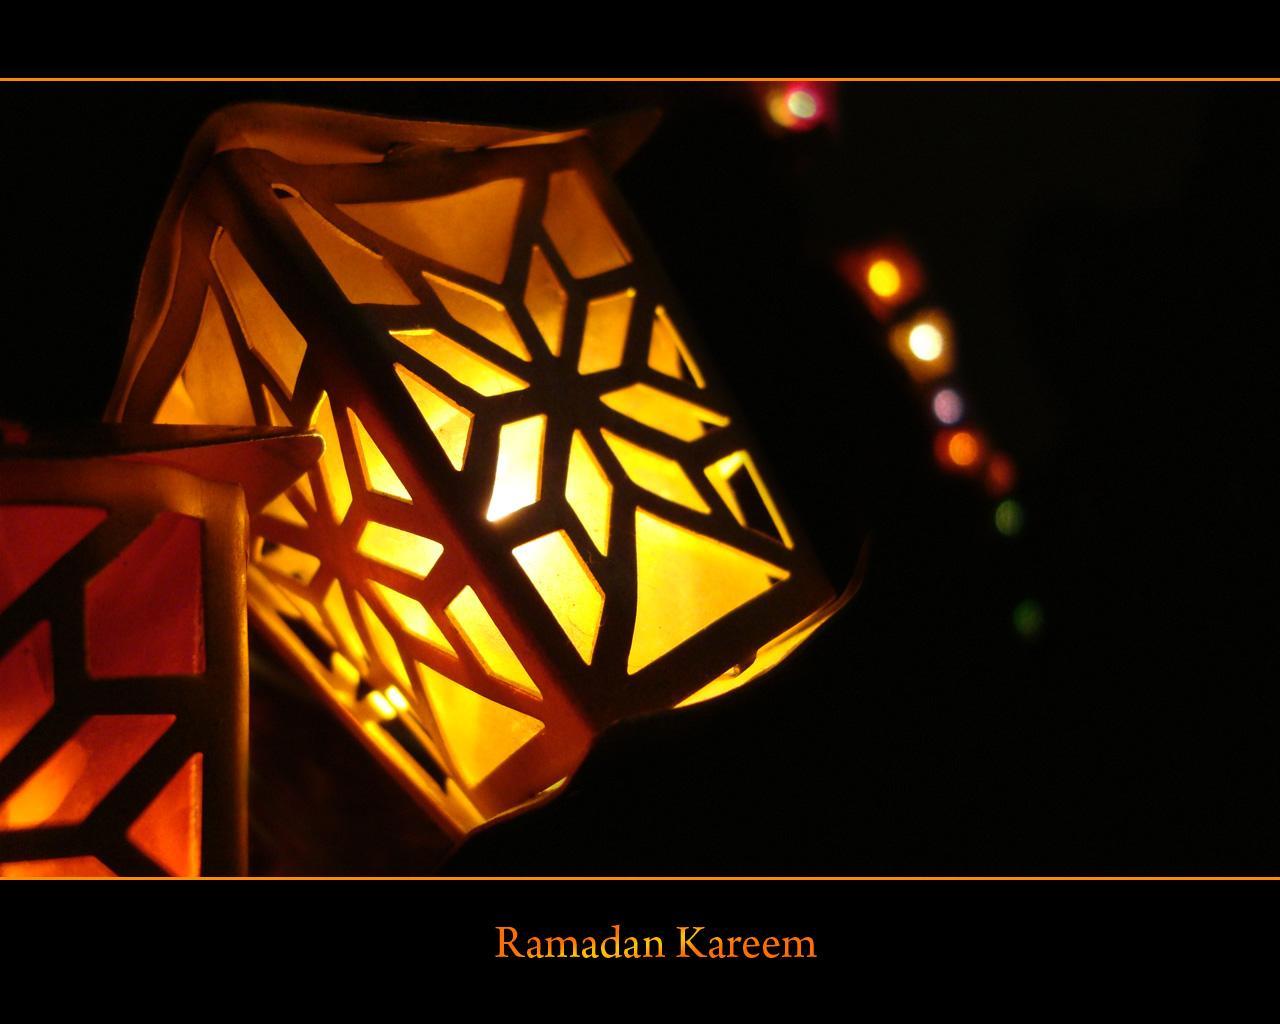 رمضان - صور رمضان كريم - رمضان 1438 ه - صور رمضان 2017 , Pictures Ramadan 2015_1390179474_629.